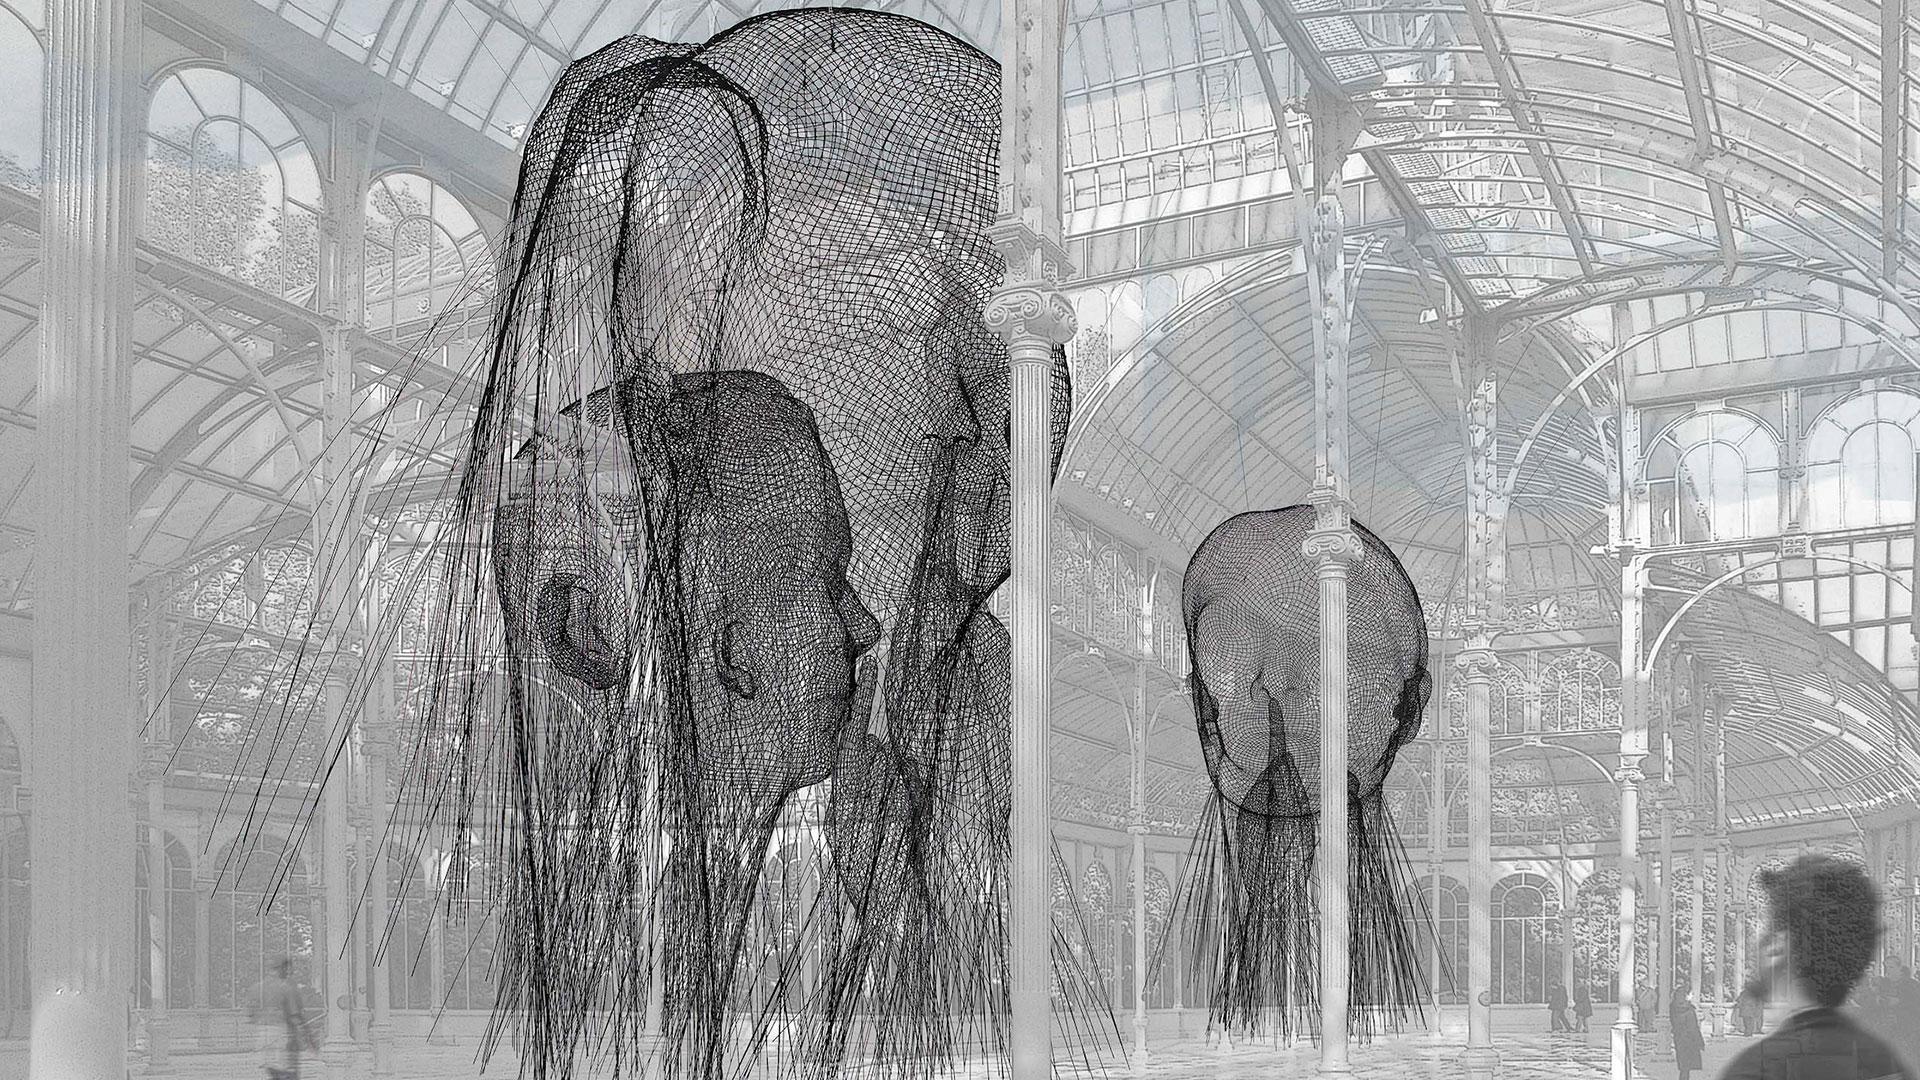 Imagen de la instalación de Jaume Plensa en el Palacio de Cristal de Madrid